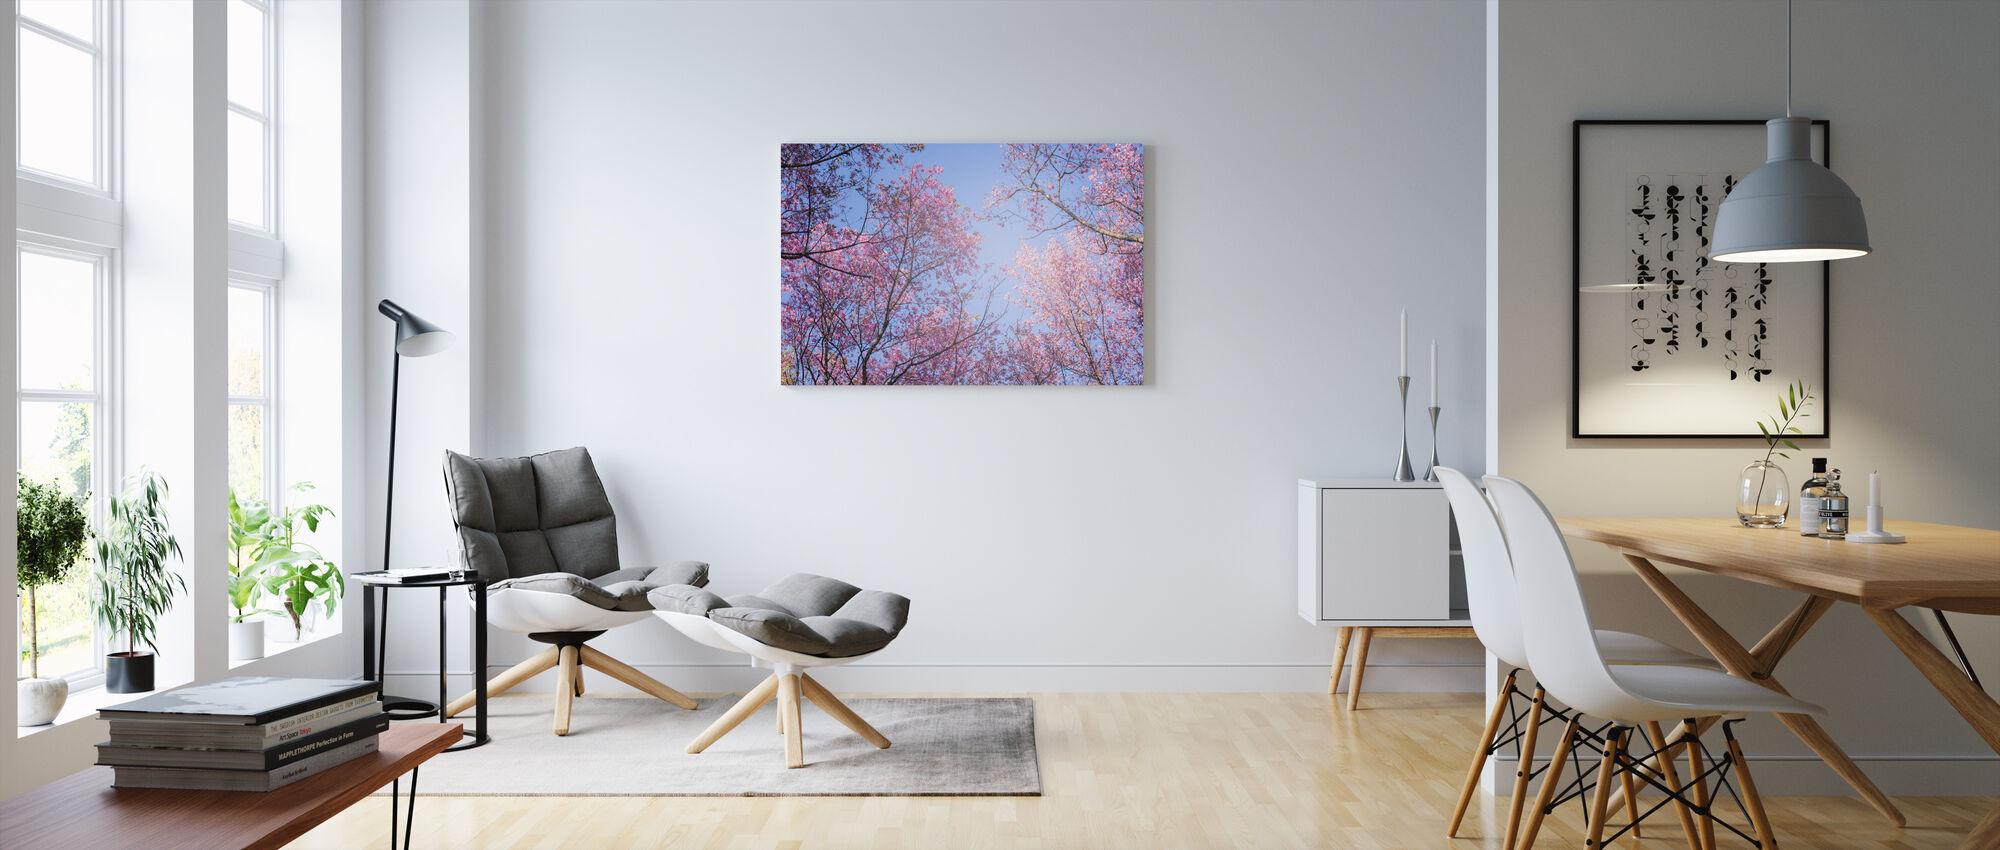 Taivas puut - Canvastaulu - Olohuone